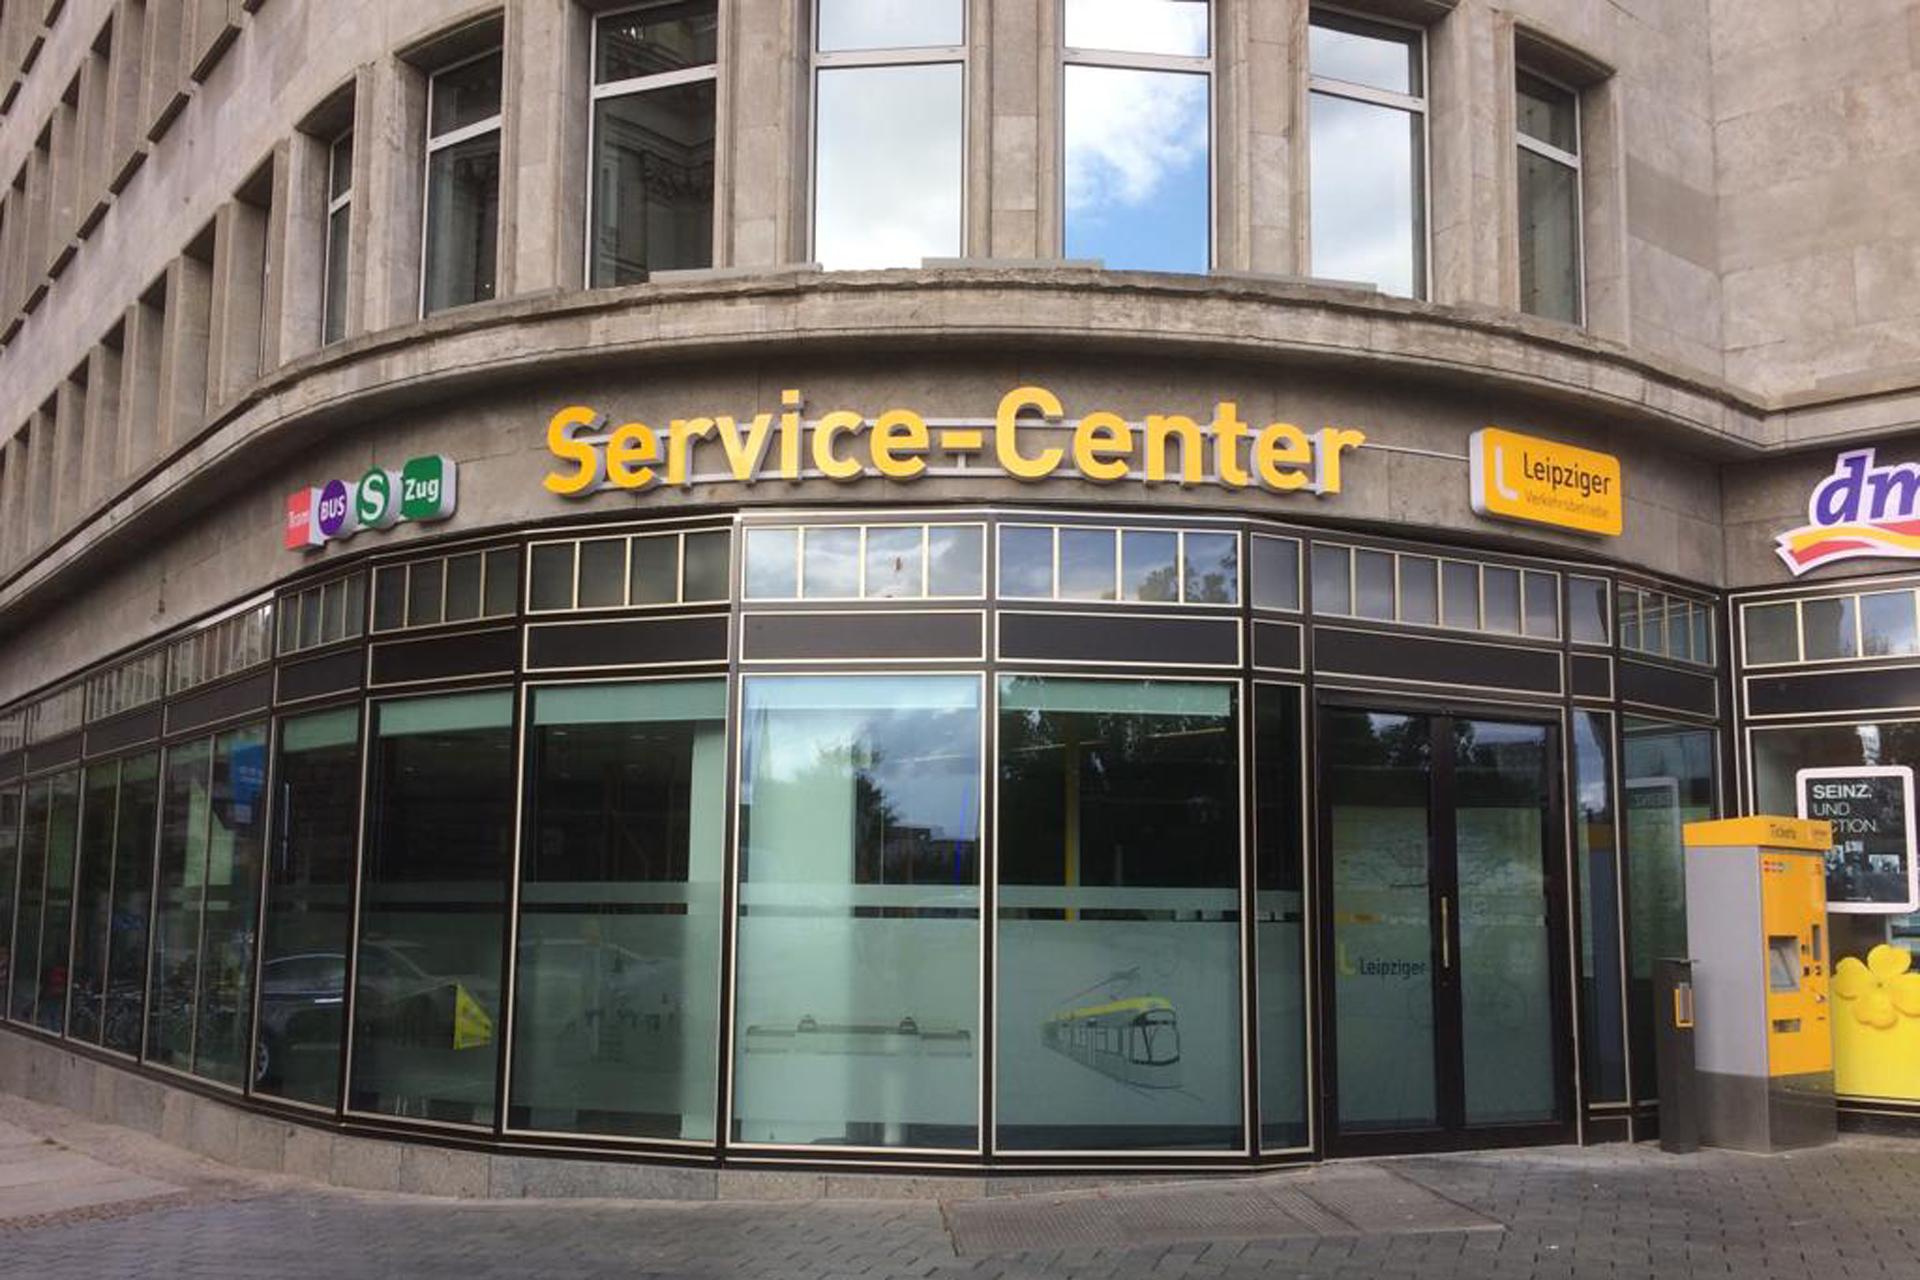 Leipziger Verkehrsbetriebe Service Center